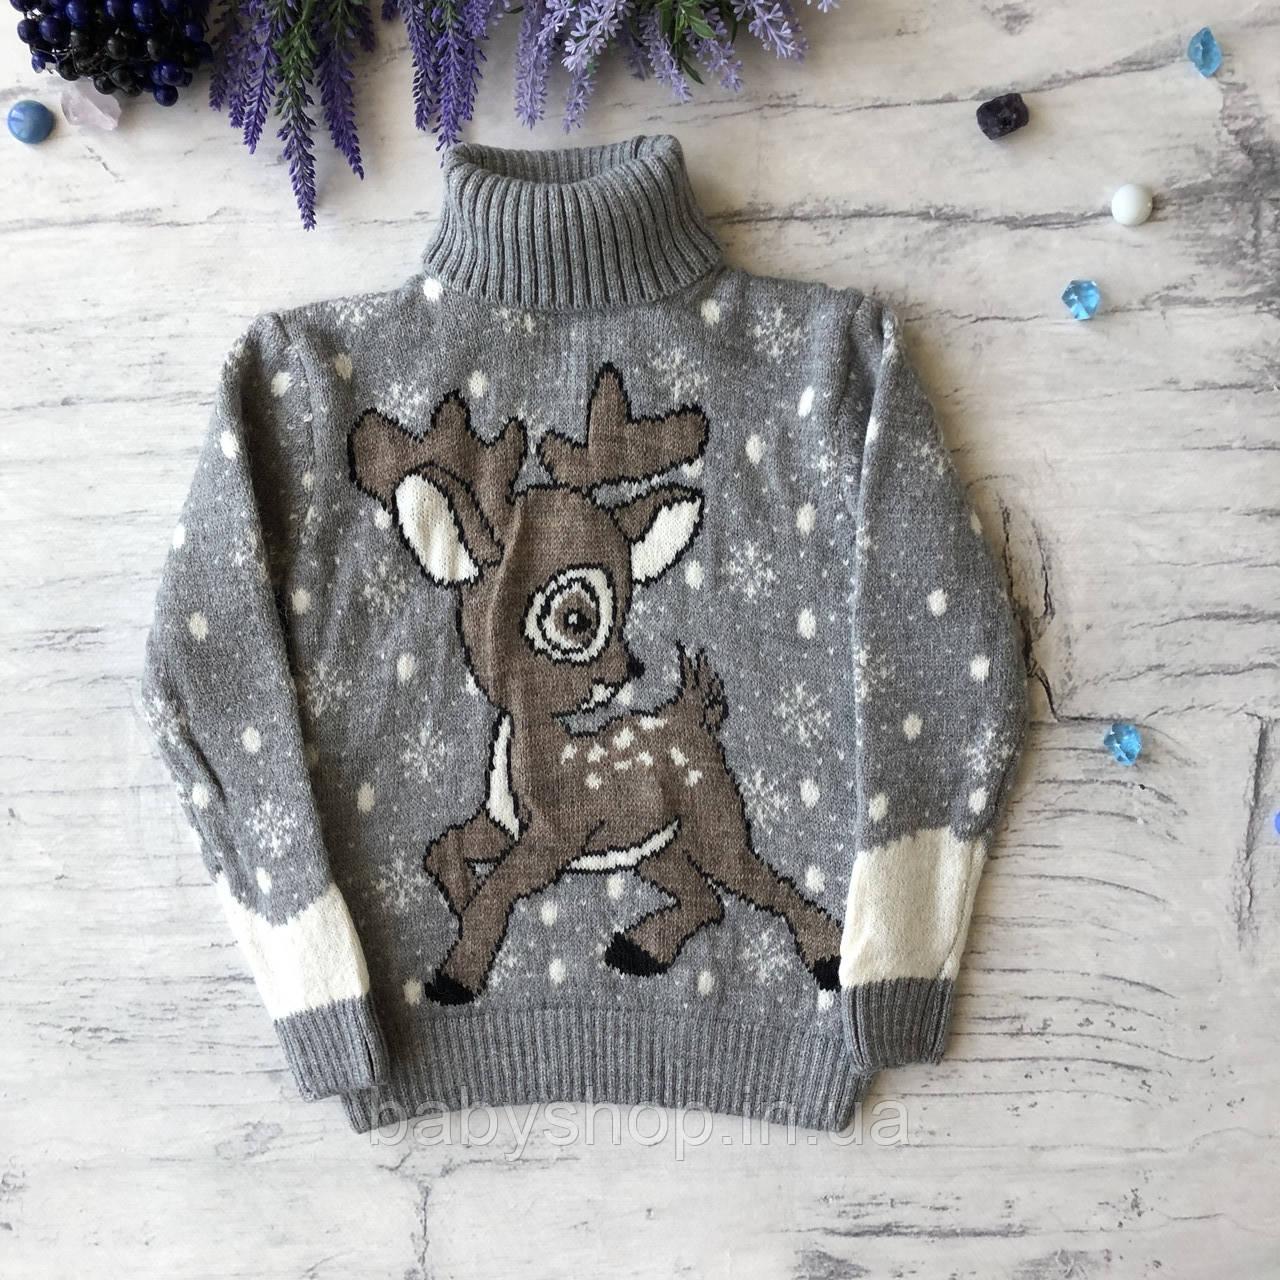 Теплый новогодний свитер на мальчика 2. Размер 4 года, 5 лет